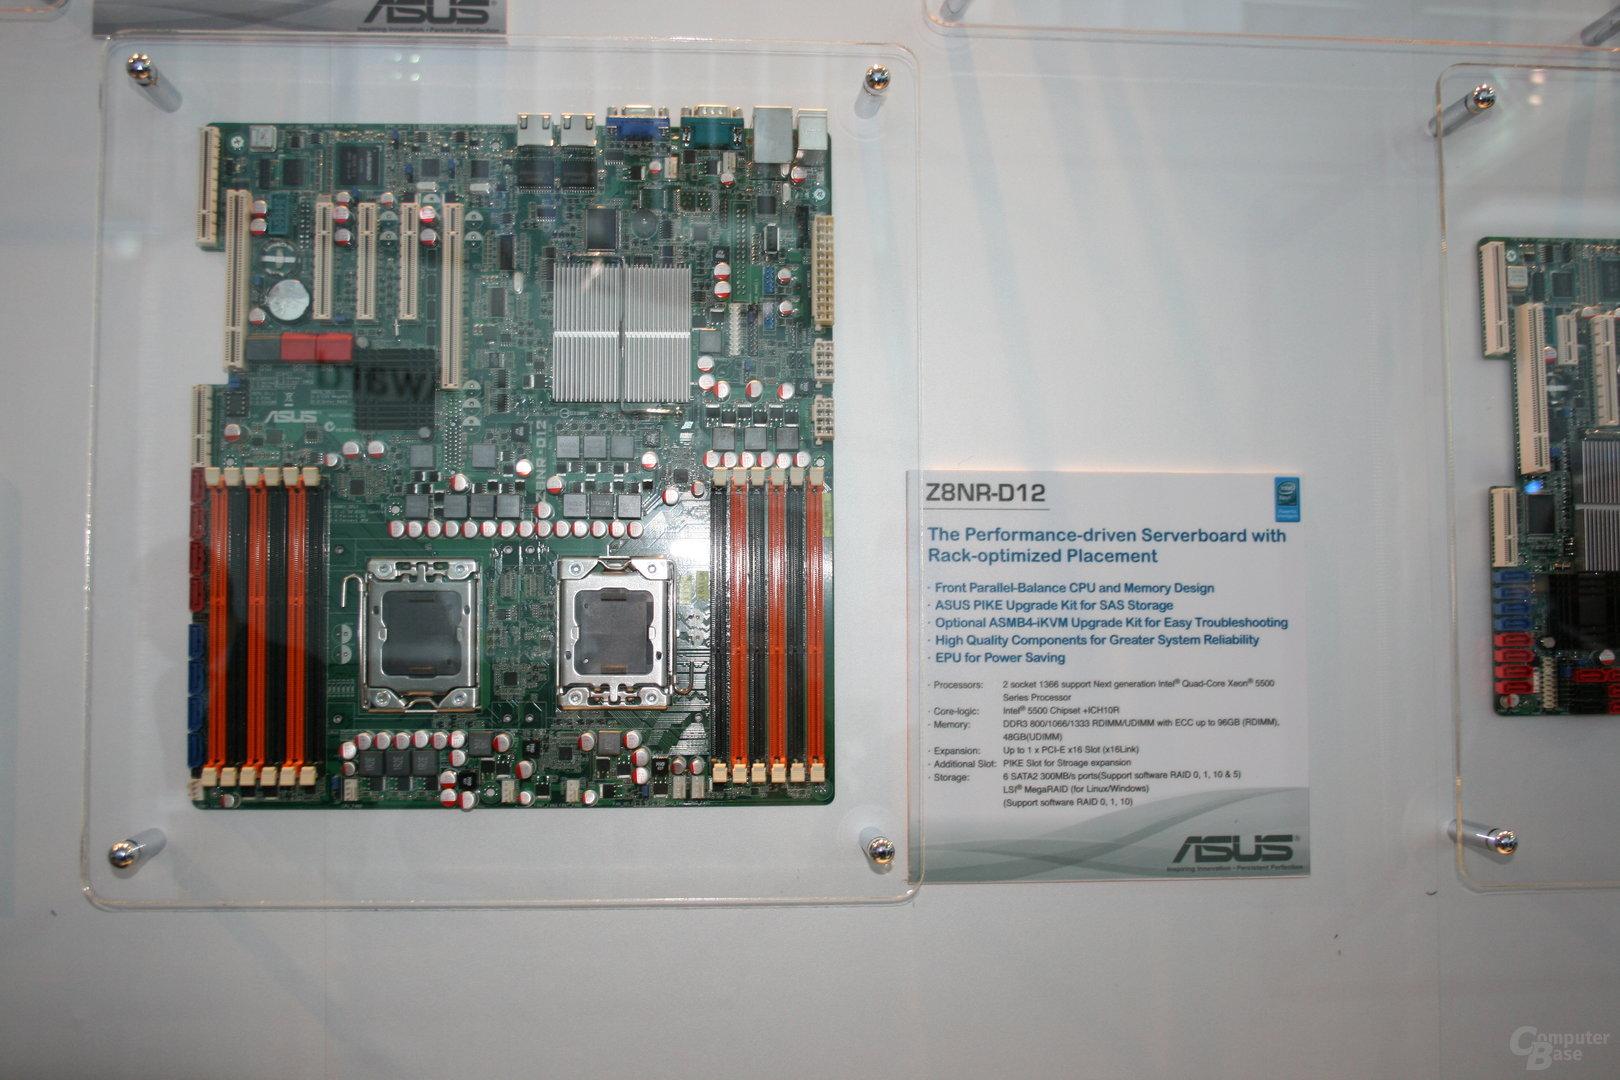 Asus Z8NR-D12